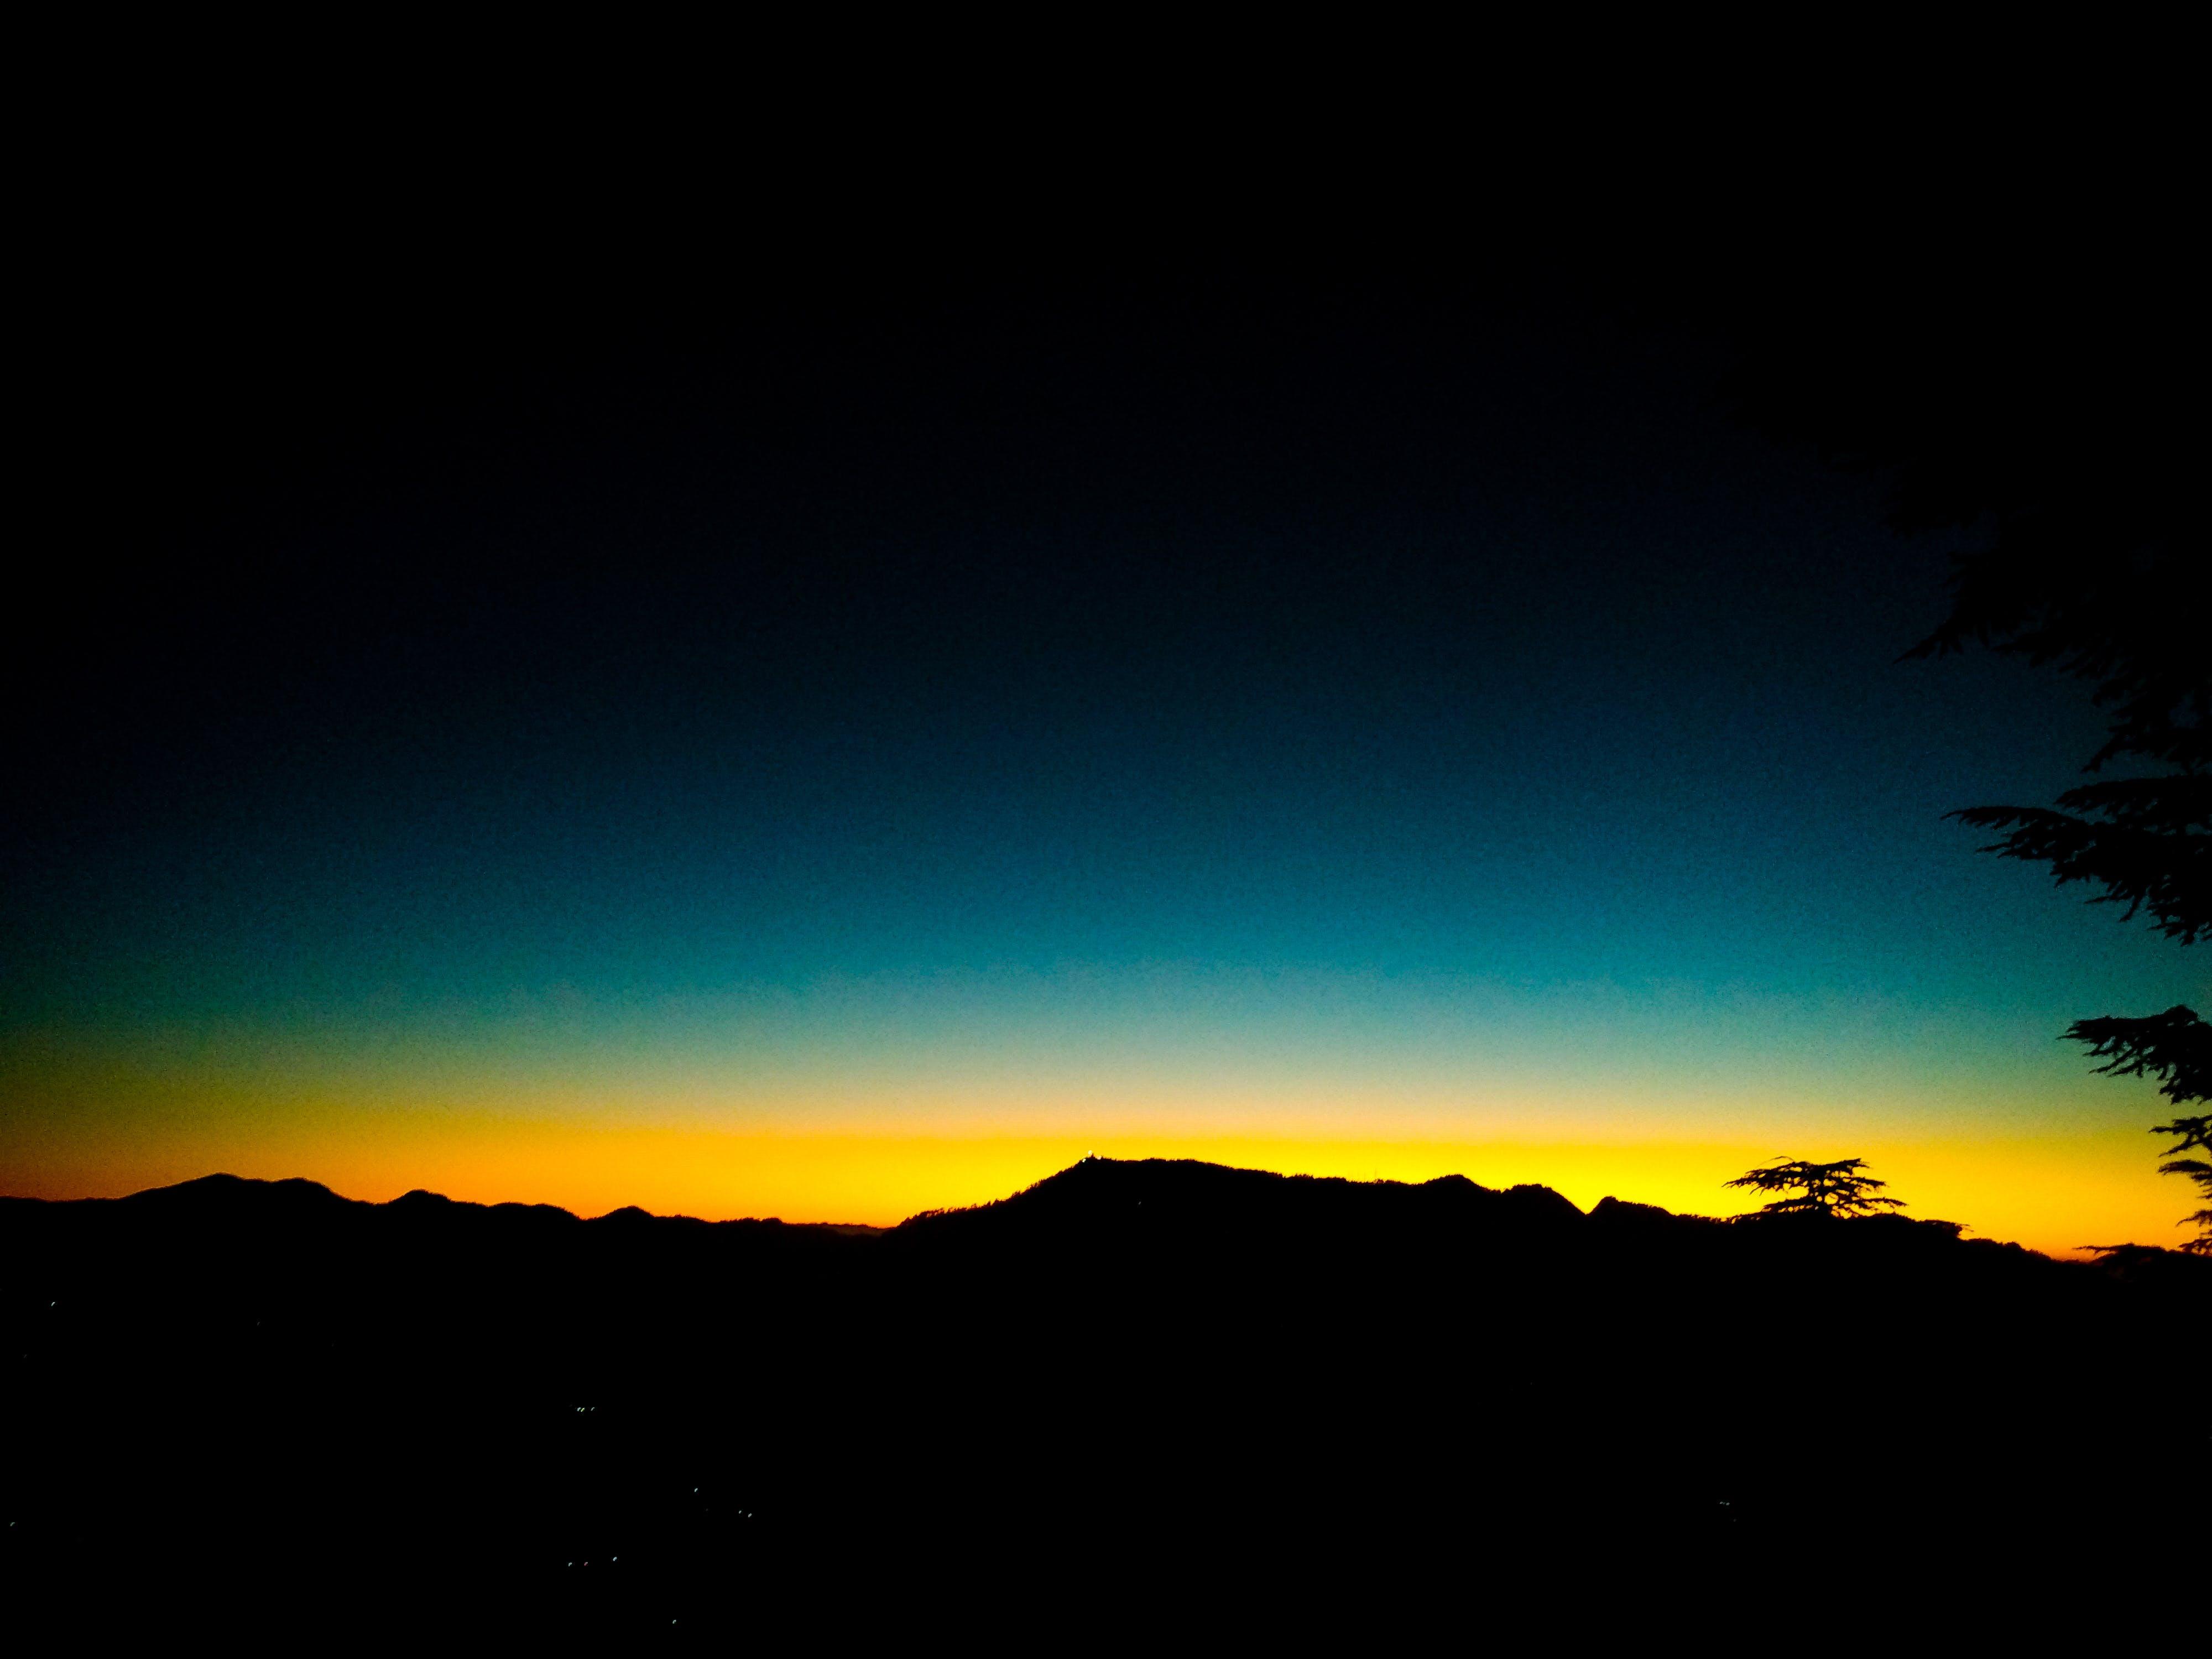 Photos gratuites de beauté dans la nature, coucher de soleil, flanc de coteau, fond de nature